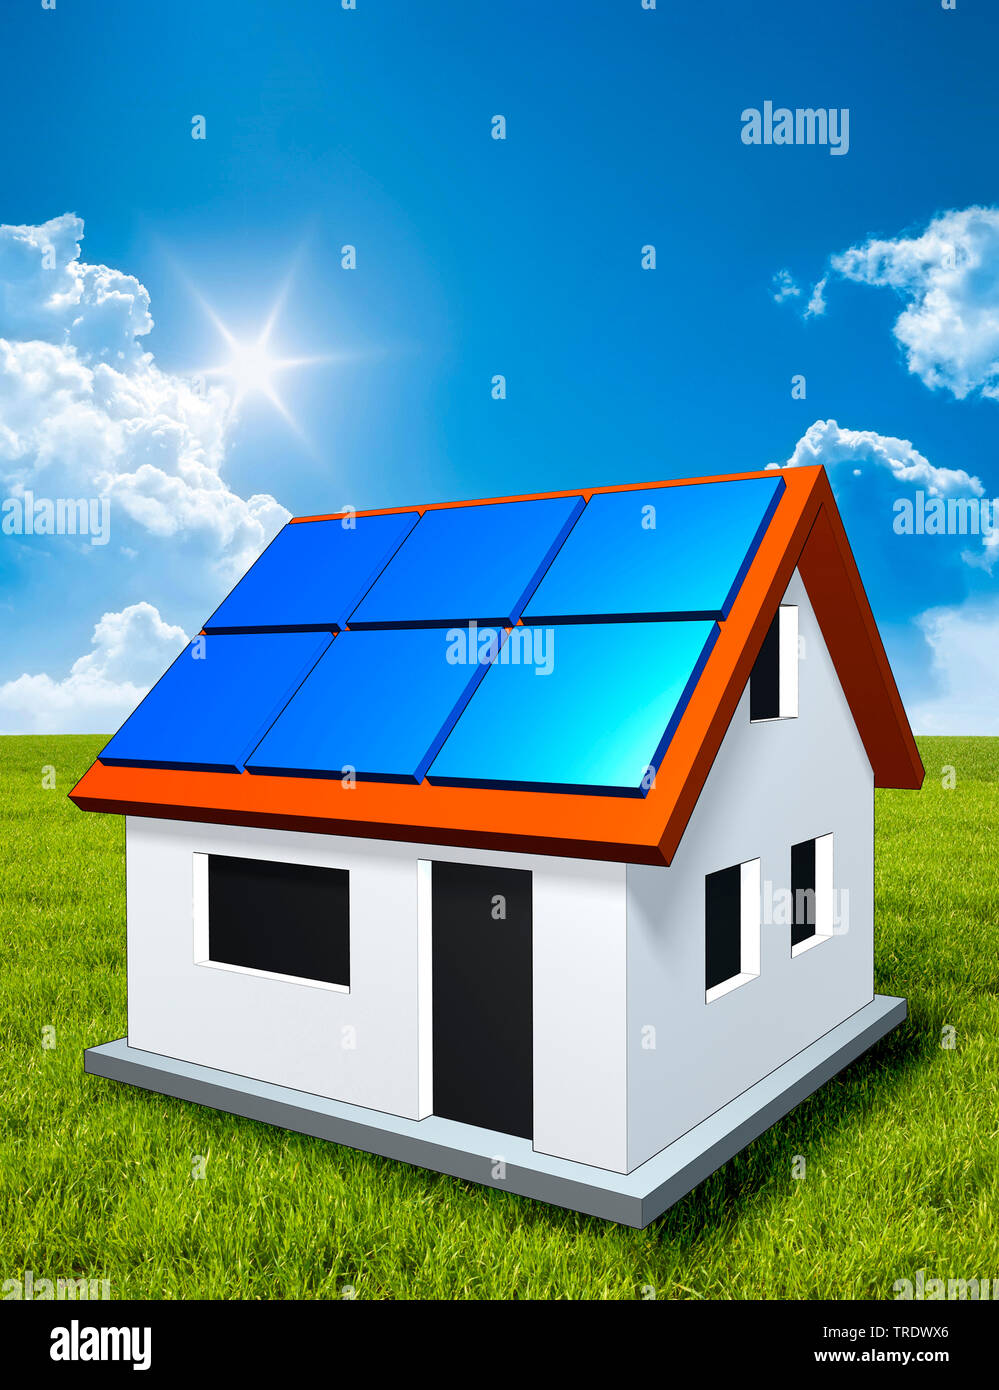 3D-Computergrafik, Alleinstehendes Einfamilienhaus mit Solarzellen auf dem Dach vor Wolkenhimmel | 3D computer graphic, freestanding single house with - Stock Image